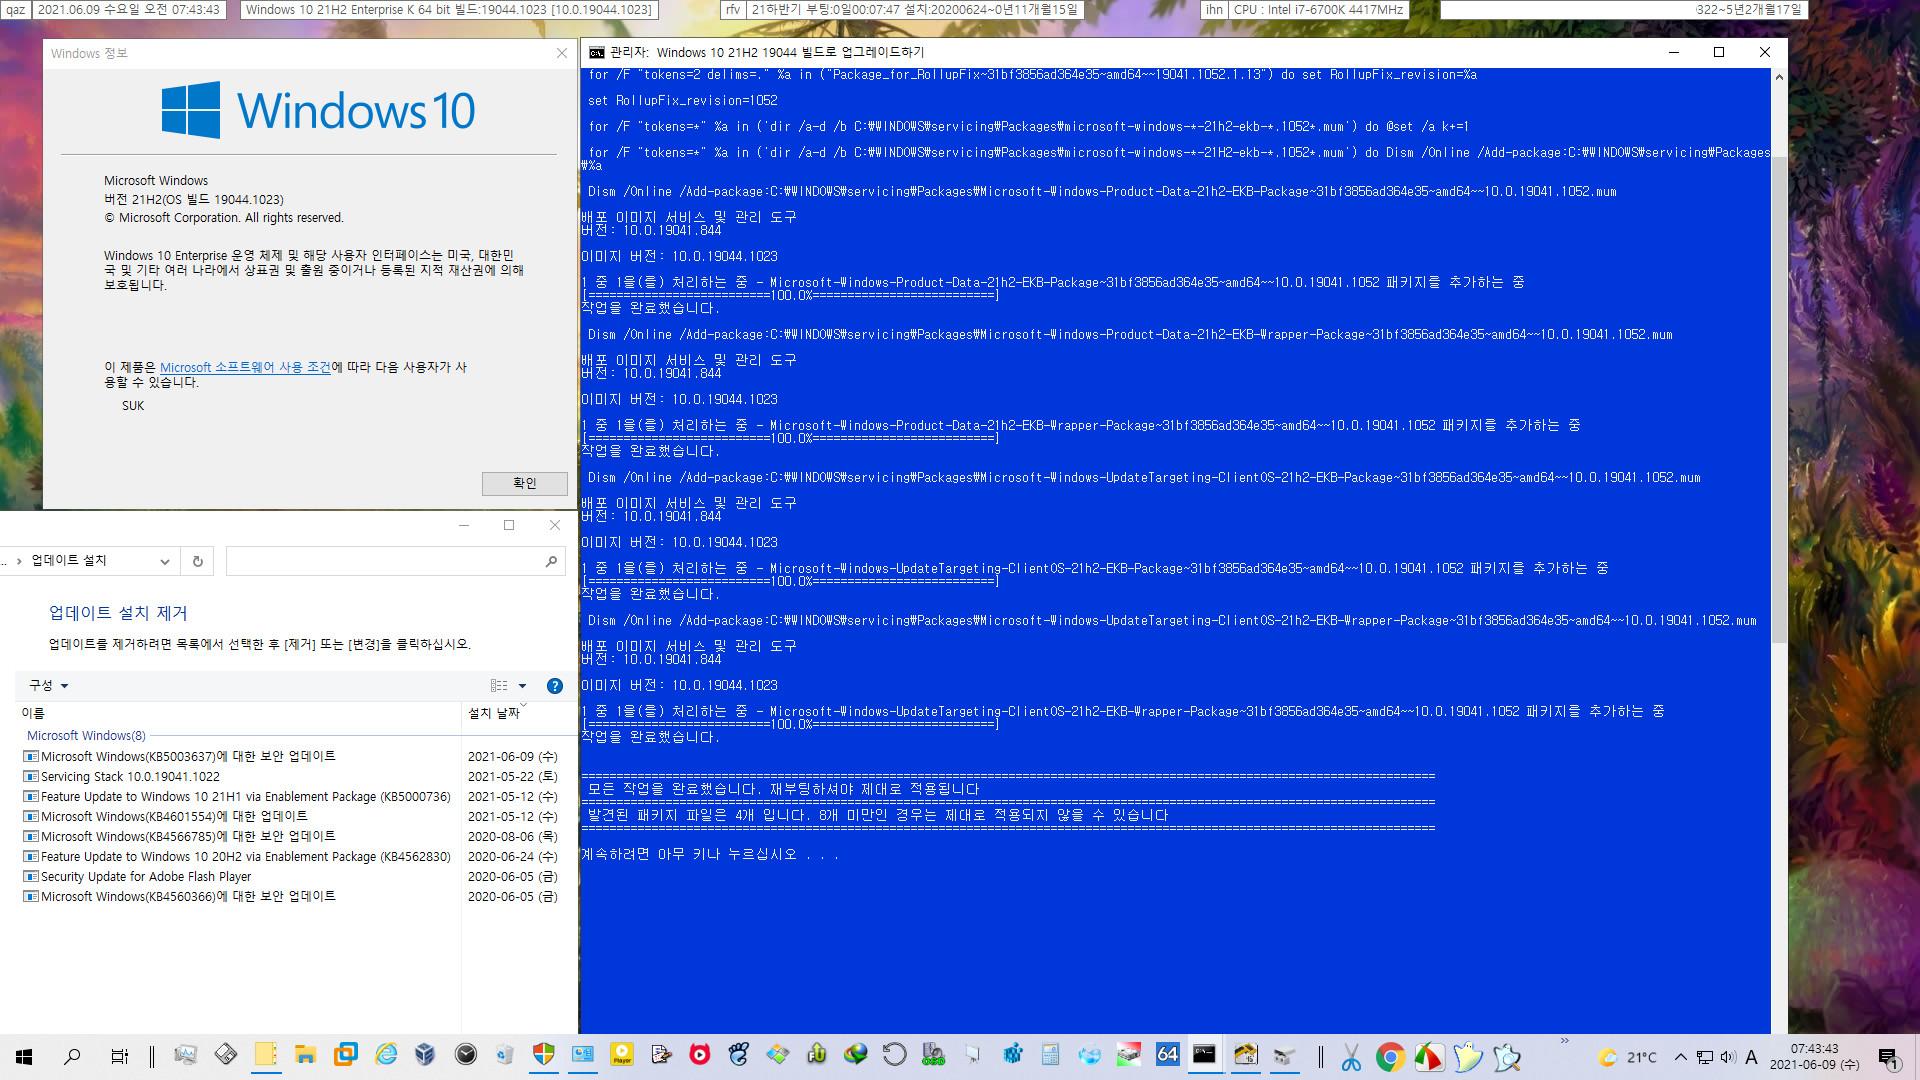 2021-06-09 수요일 정기 업데이트 - Windows 10 버전 21H2 (OS 빌드 19044.1052) - 공용 누적 업데이트 KB5003637 - 실컴에 설치 - 재부팅 후 - 빌드 뒤에 리비전이 변경되지 않아서 21H2 재활성화 해야 함 - 재활성 2021-06-09_074343.jpg